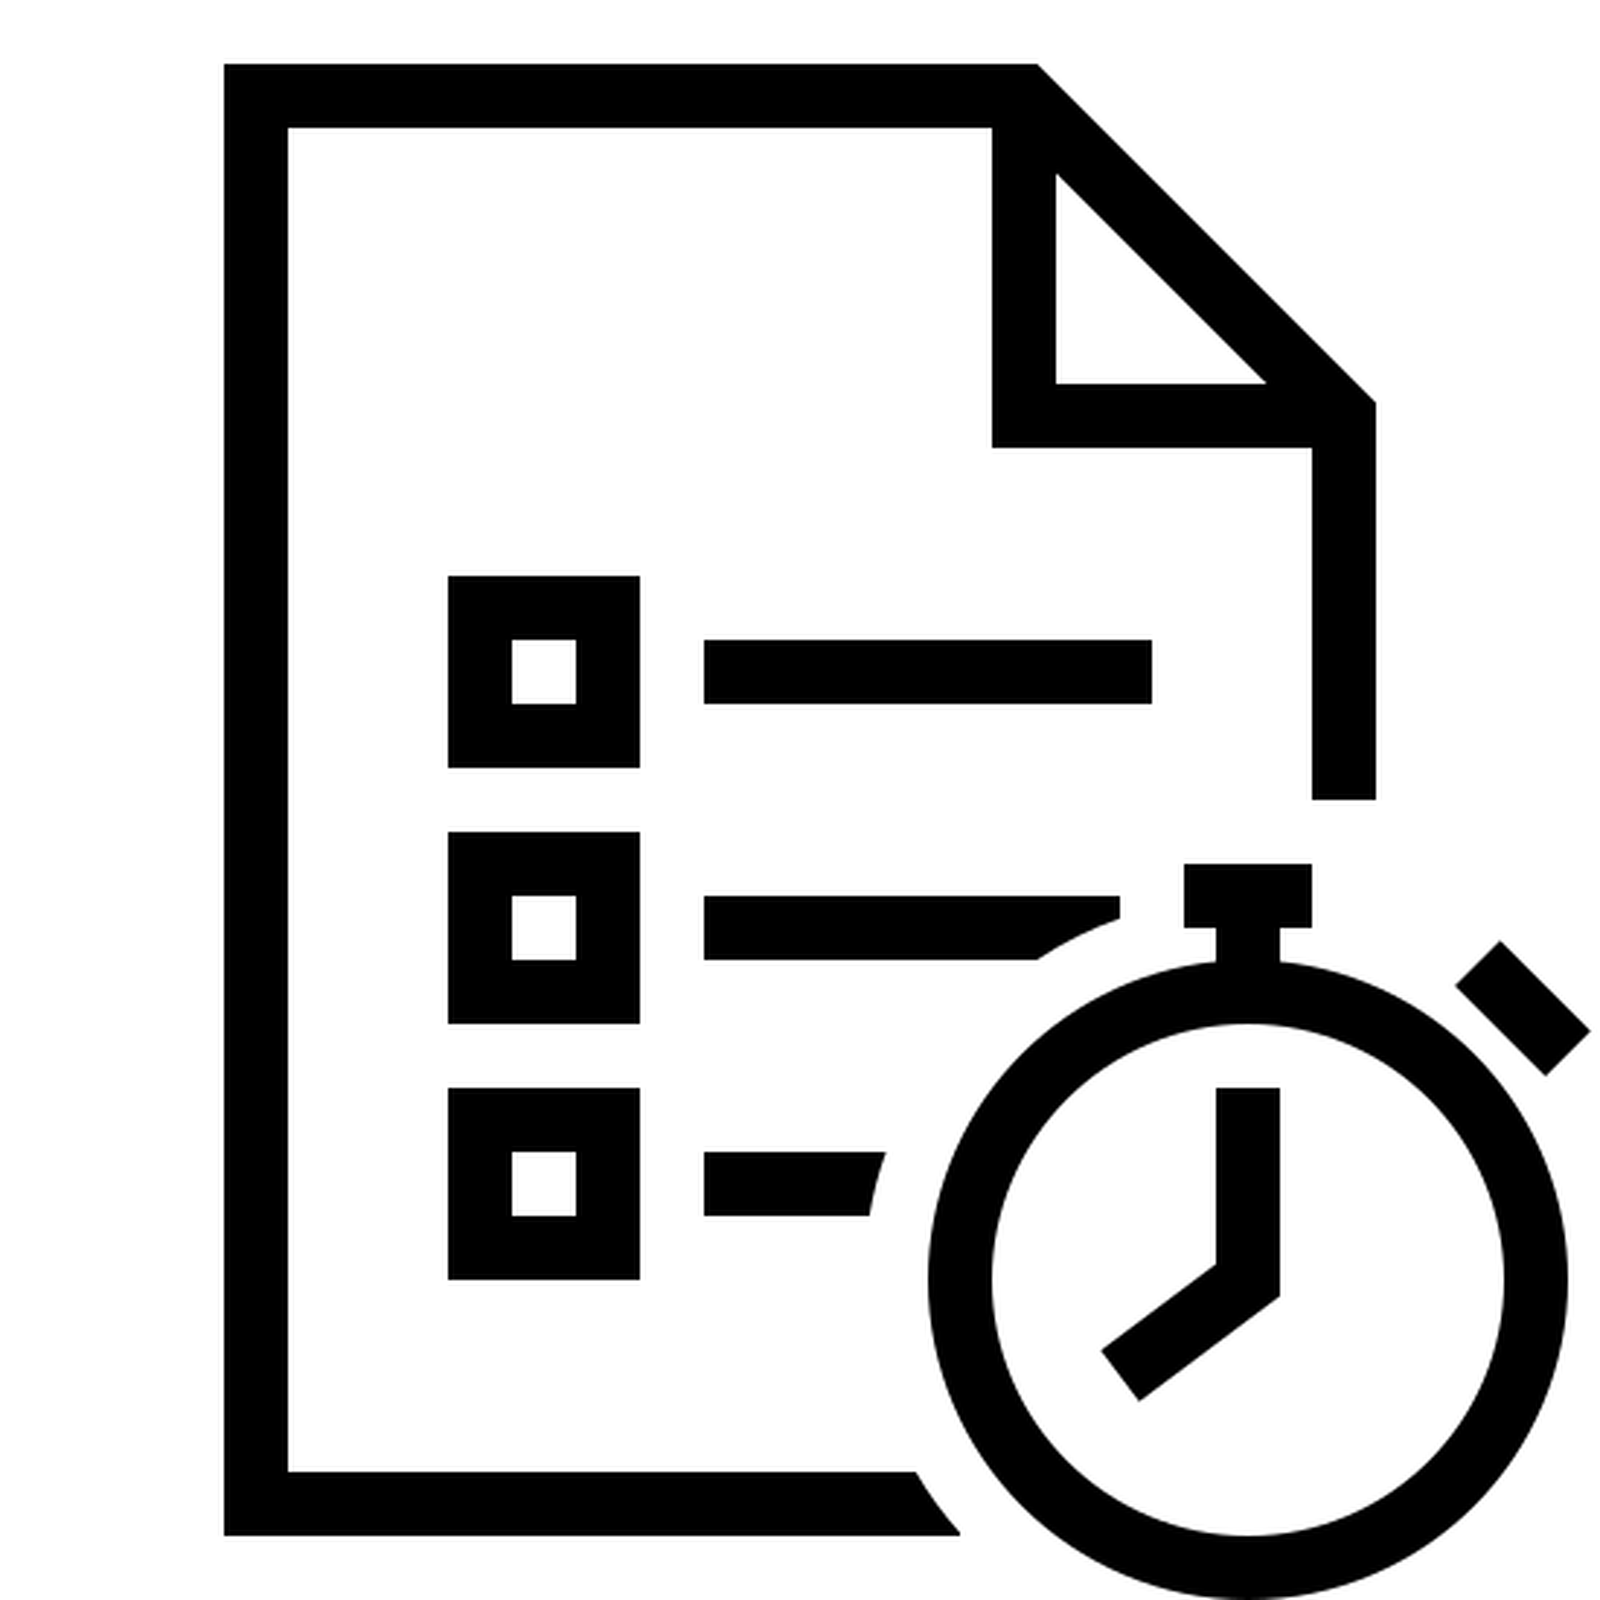 Examen icon